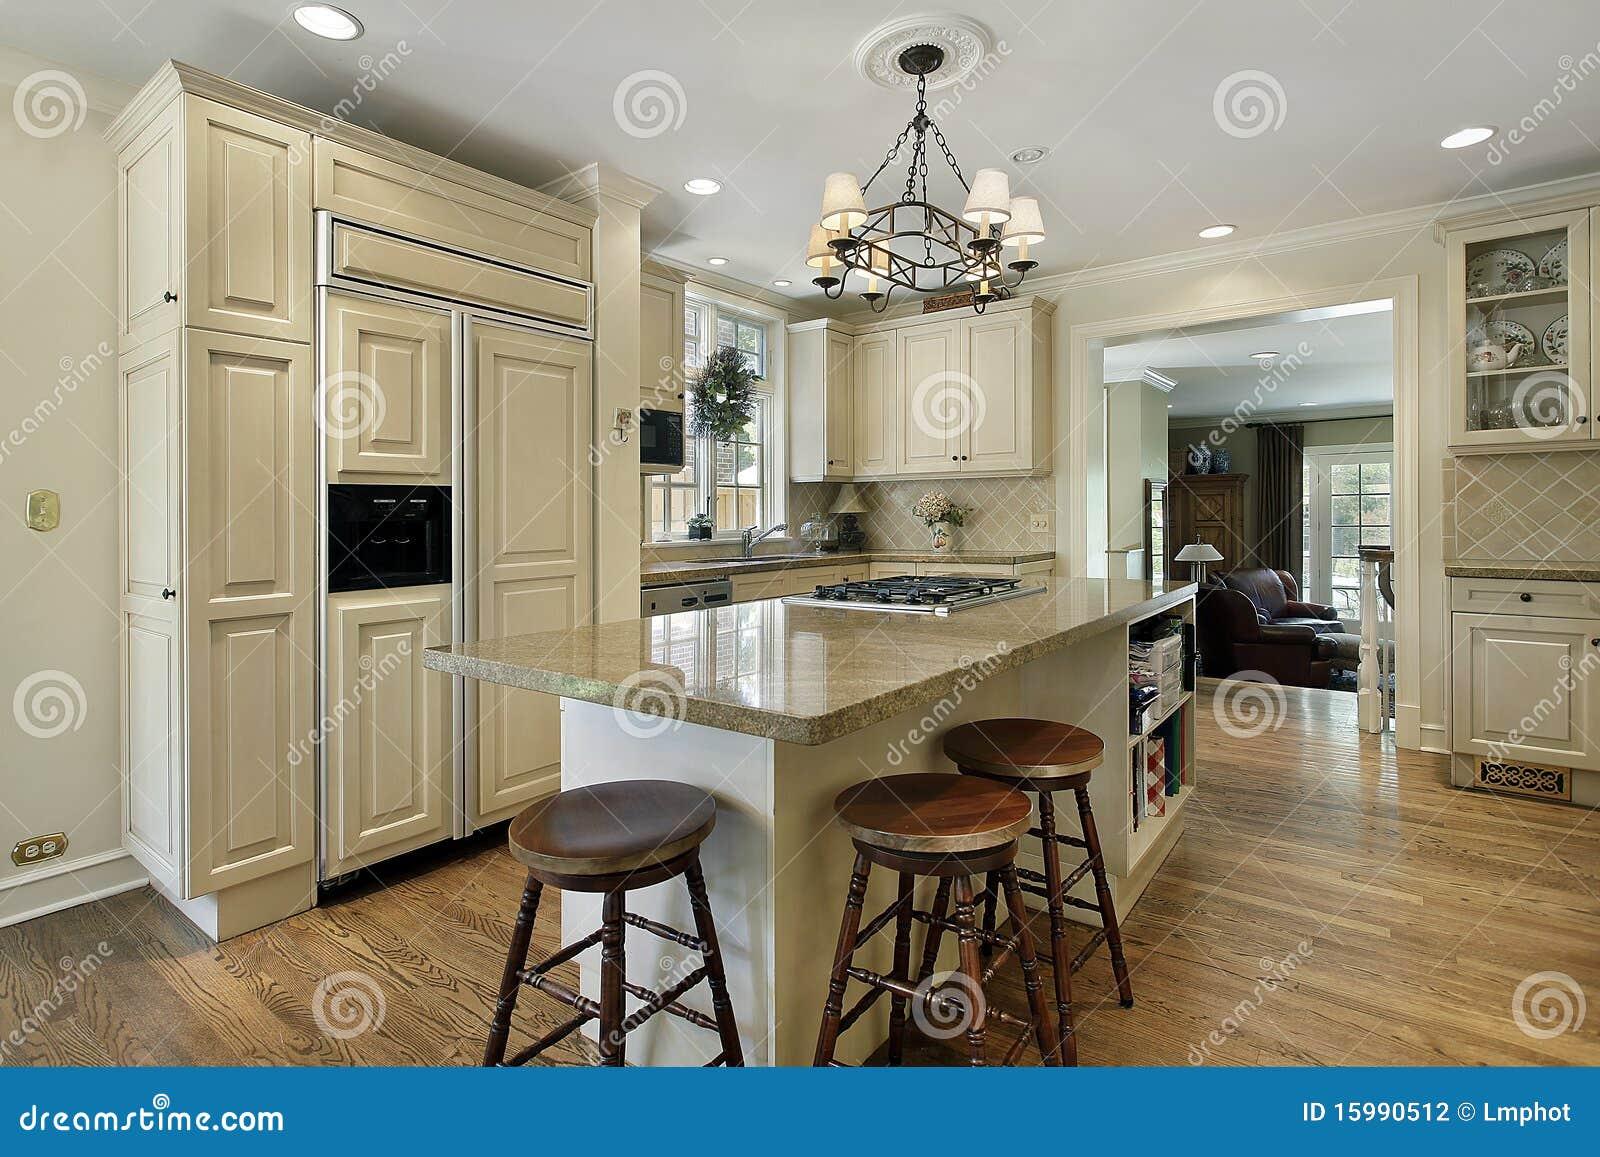 Küche Mit Großer Mittelinsel Stockfoto - Bild von wohnsitz, granit ...